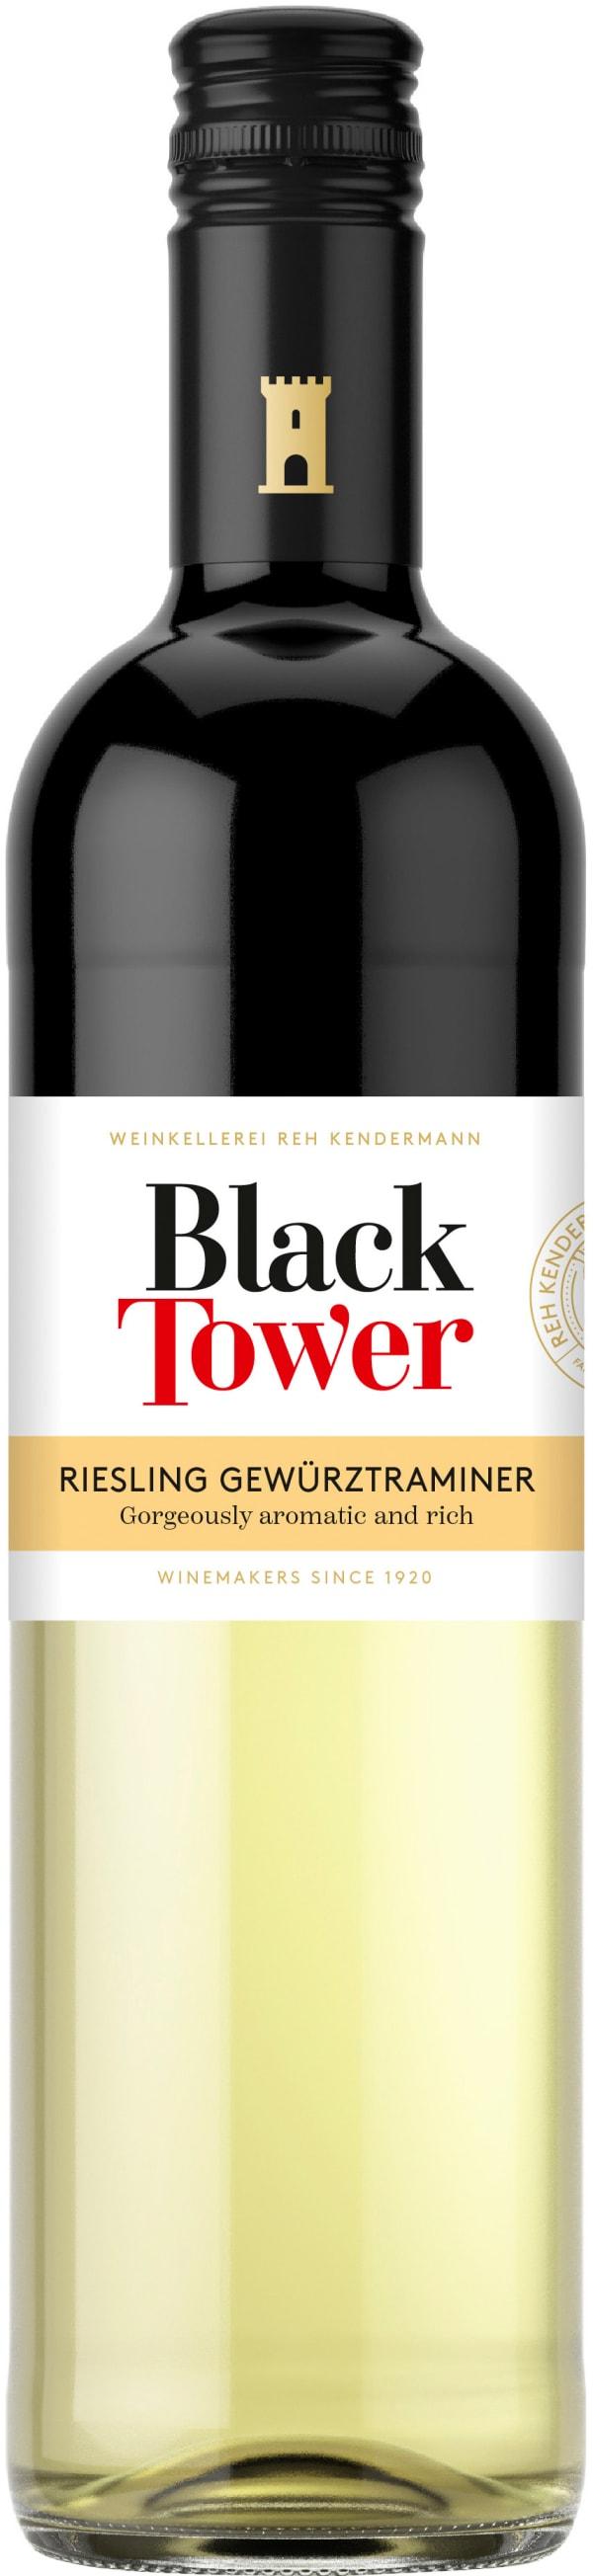 Black Tower Riesling Gewürztraminer 2018